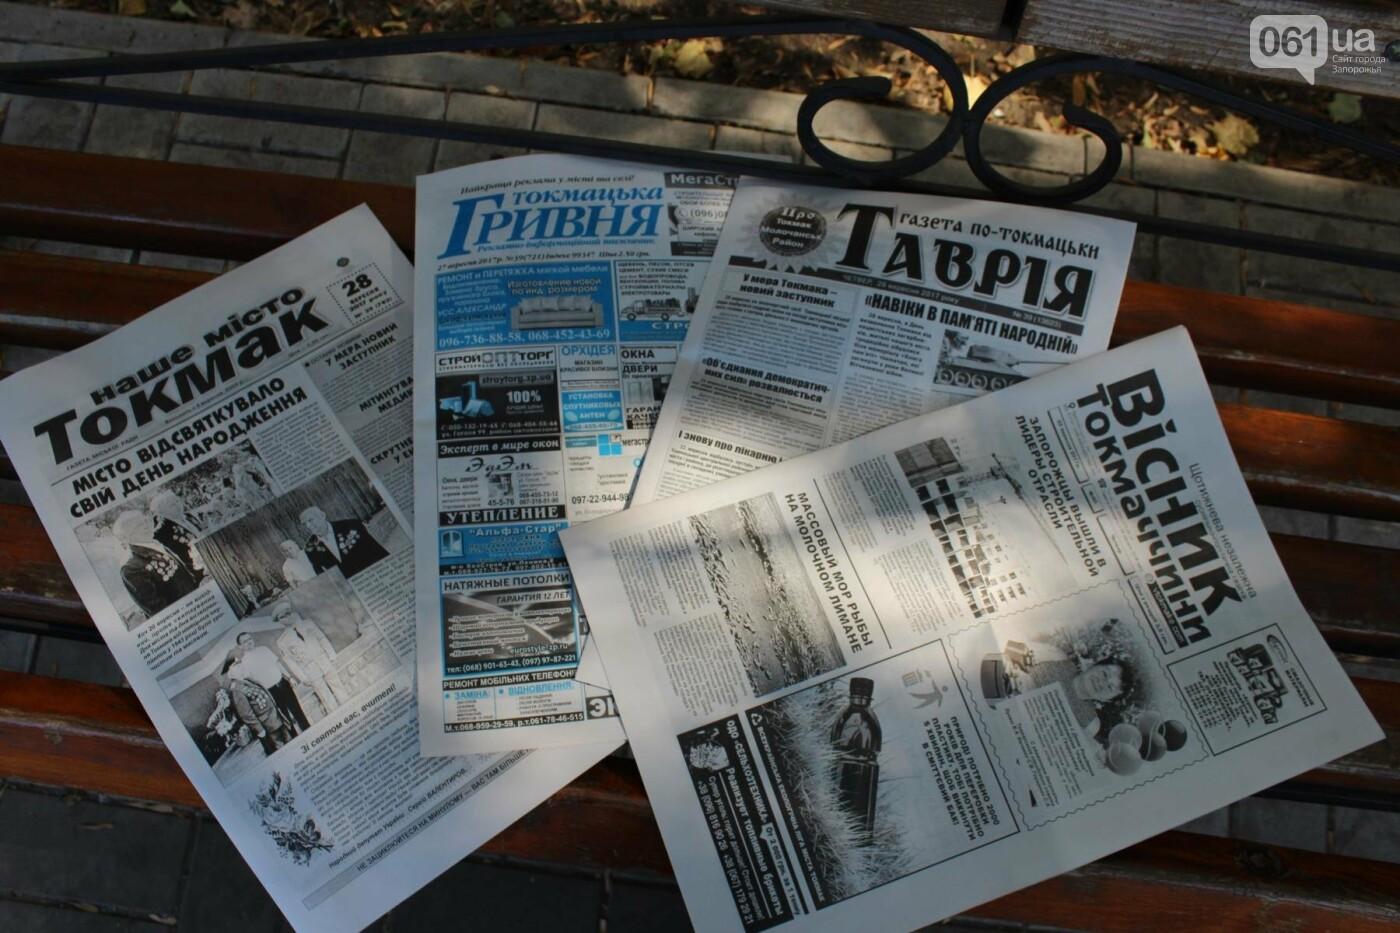 Как там в Токмаке: репортаж из официально депрессивного города, фото-48